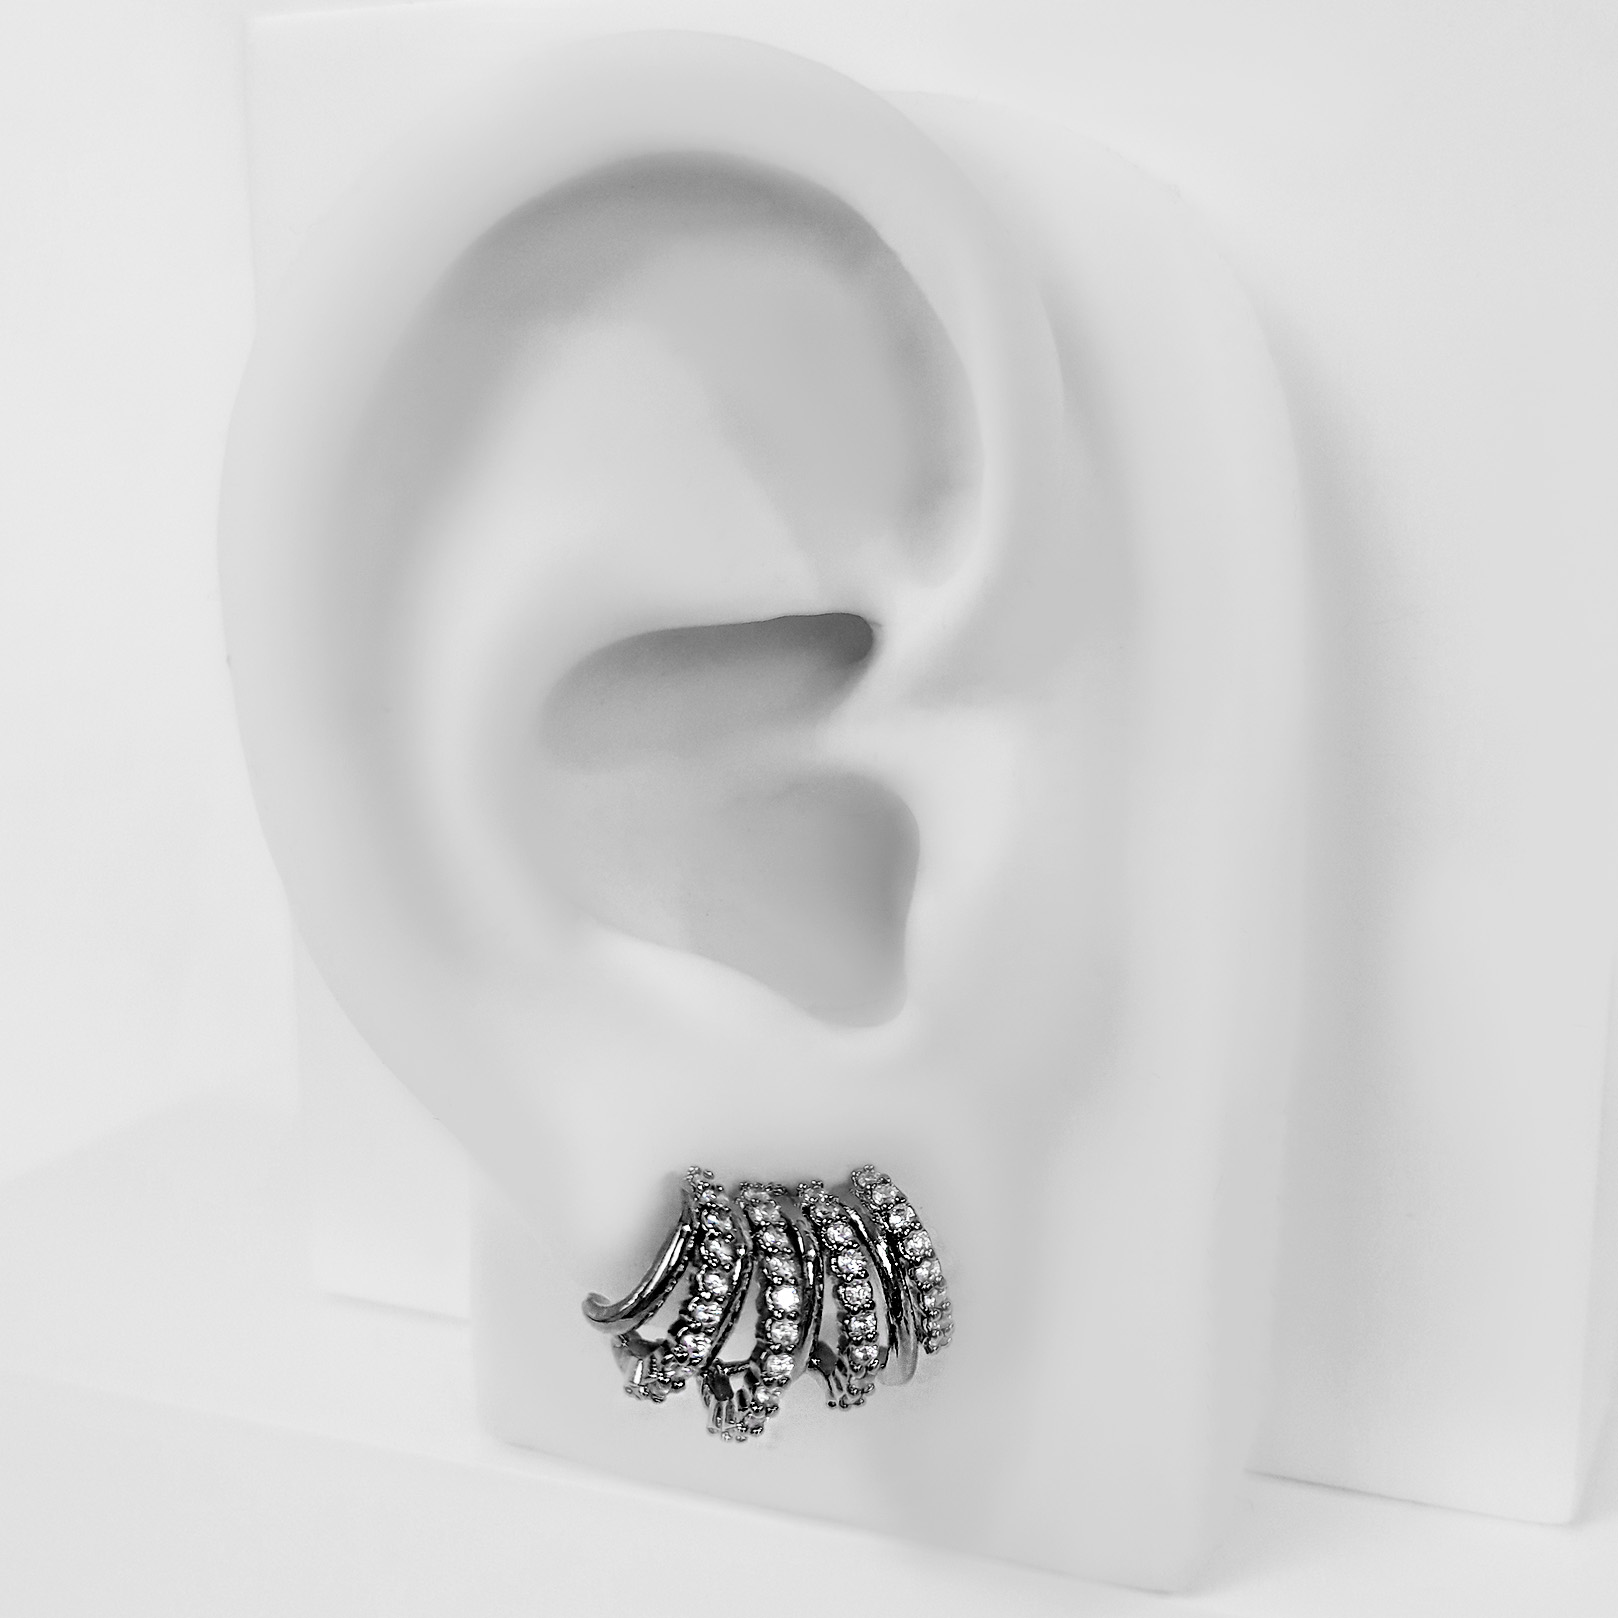 Brinco Ear Cuff Argolinhas Cravejadas Banho Ródio Negro  - Lunozê Joias